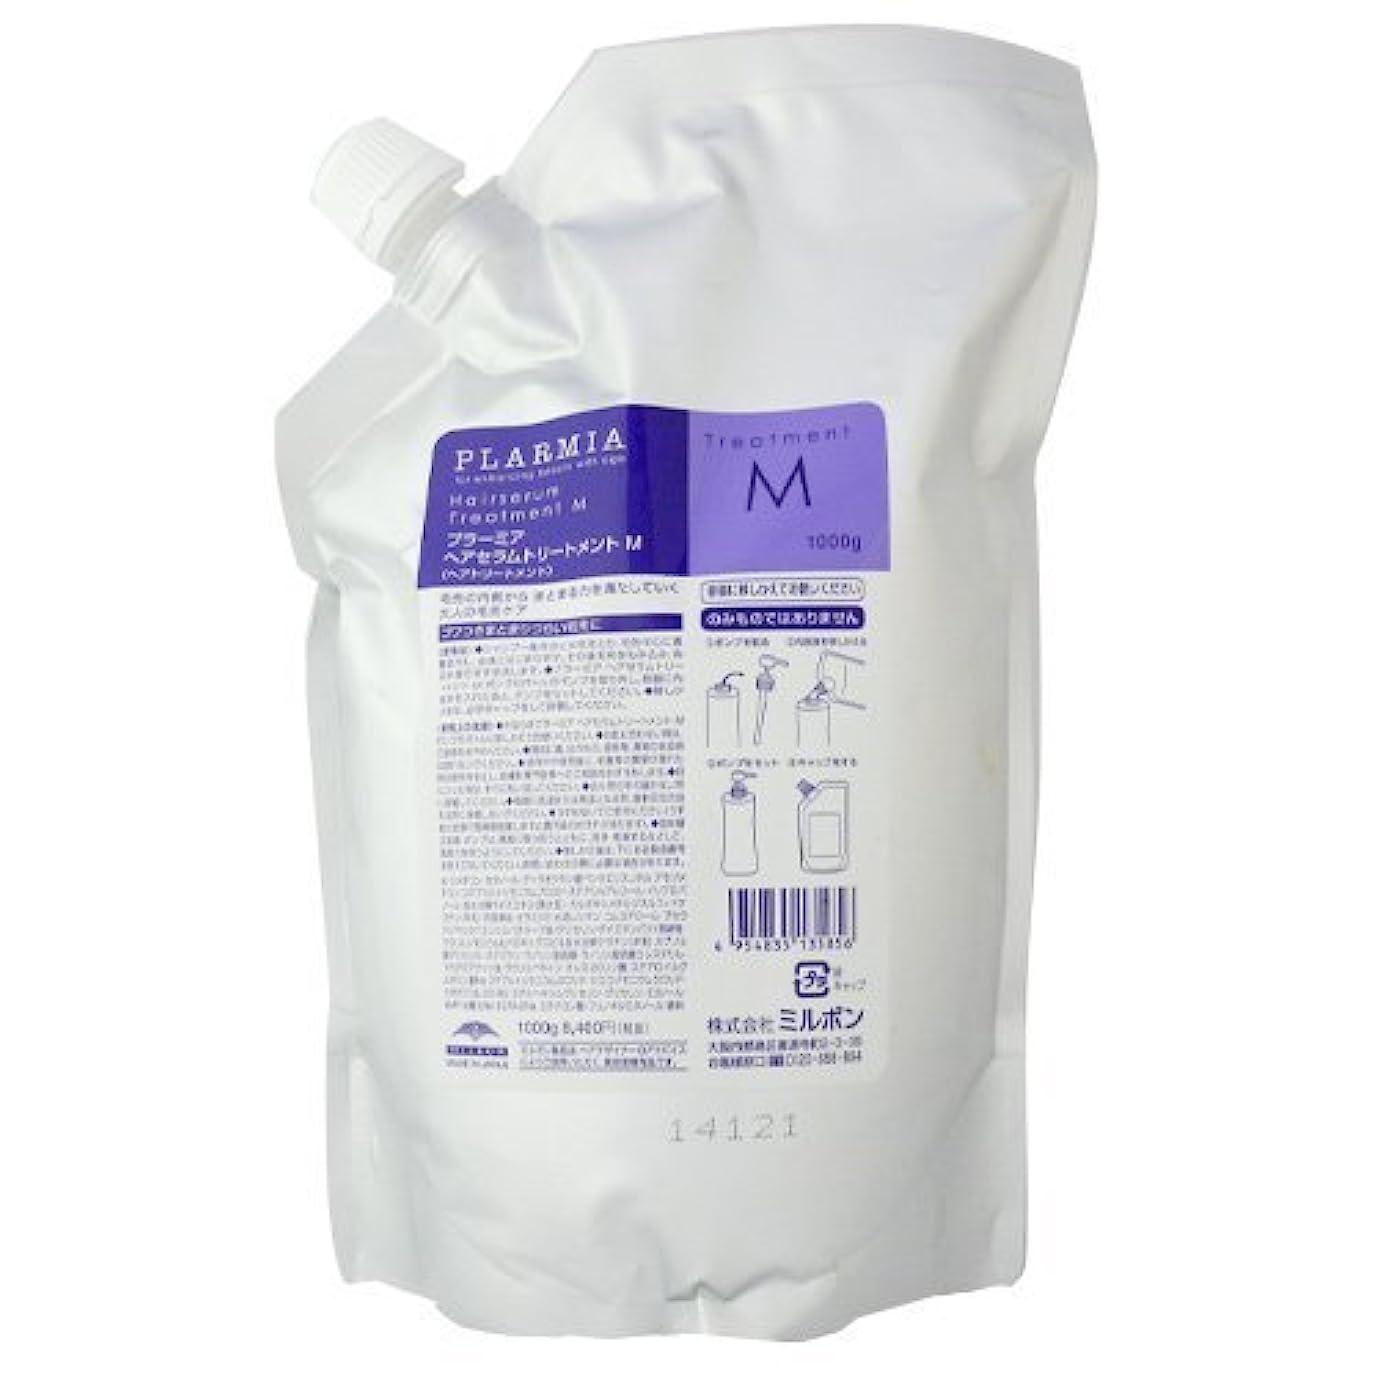 バイオレット商業の滅多ミルボン プラーミア ヘアセラムトリートメントM 1000g(レフィル)